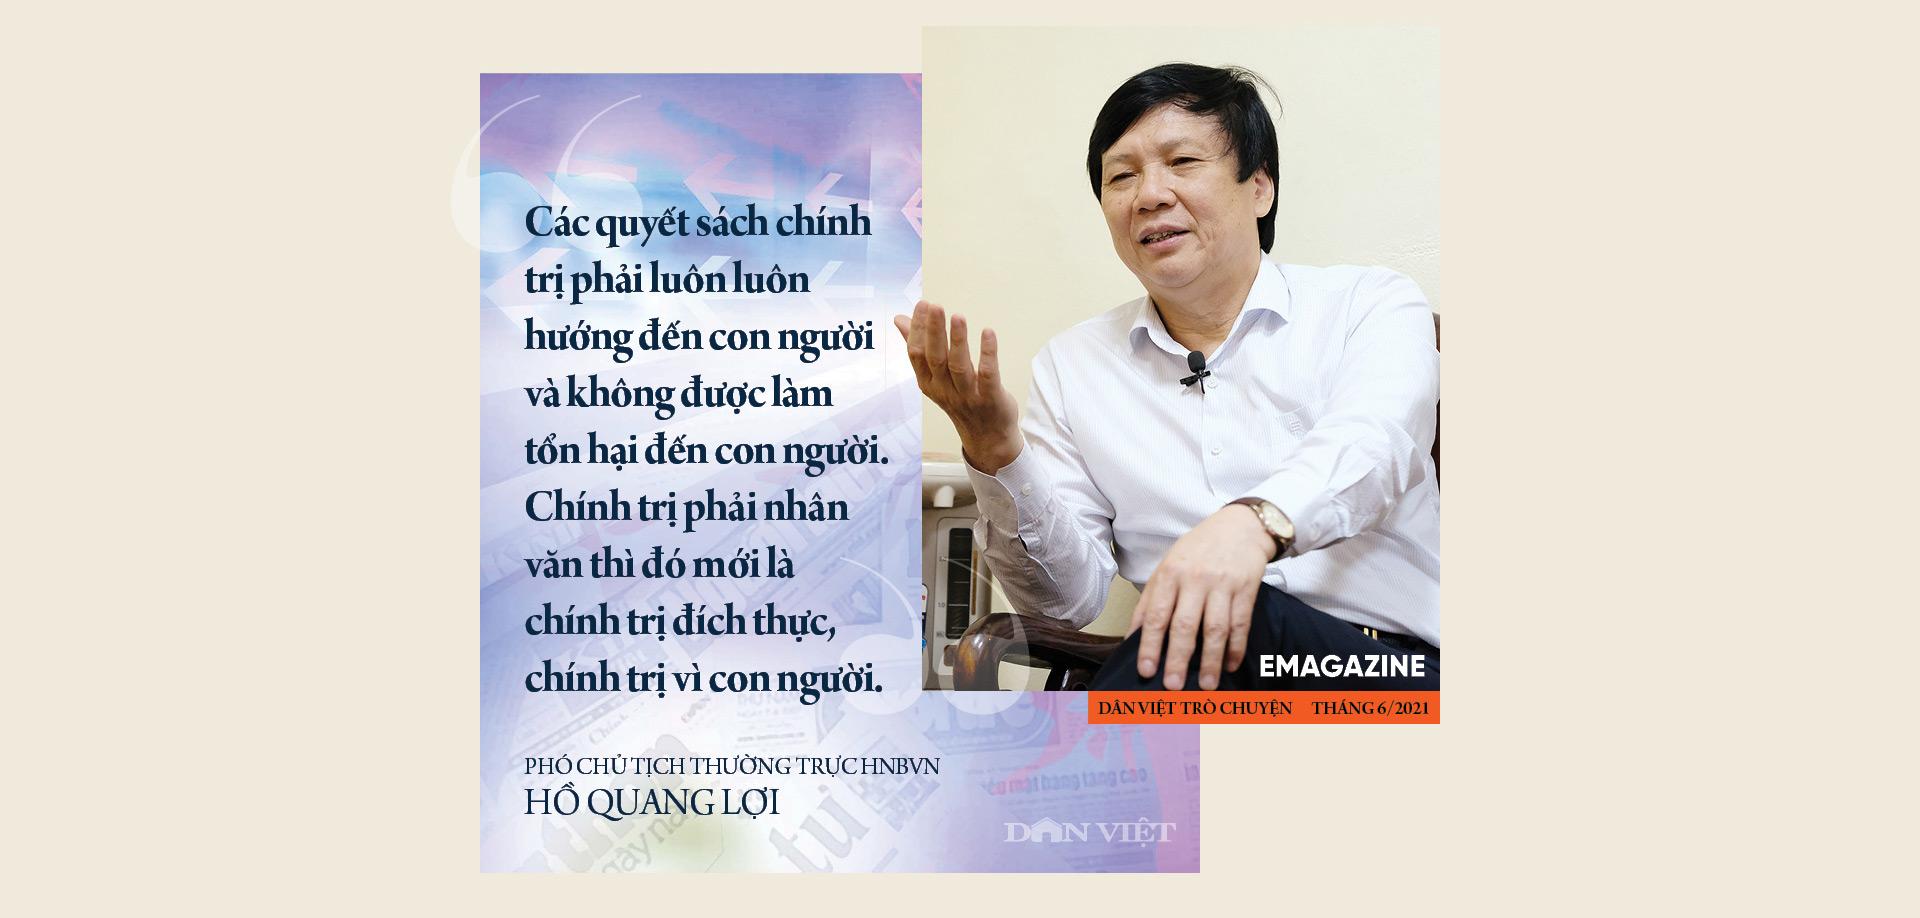 Nhà báo Hồ Quang Lợi: Dù công nghệ thay đổi ra sao, mấu chốt nghề báo vẫn là vì công lý và sự thật - Ảnh 4.